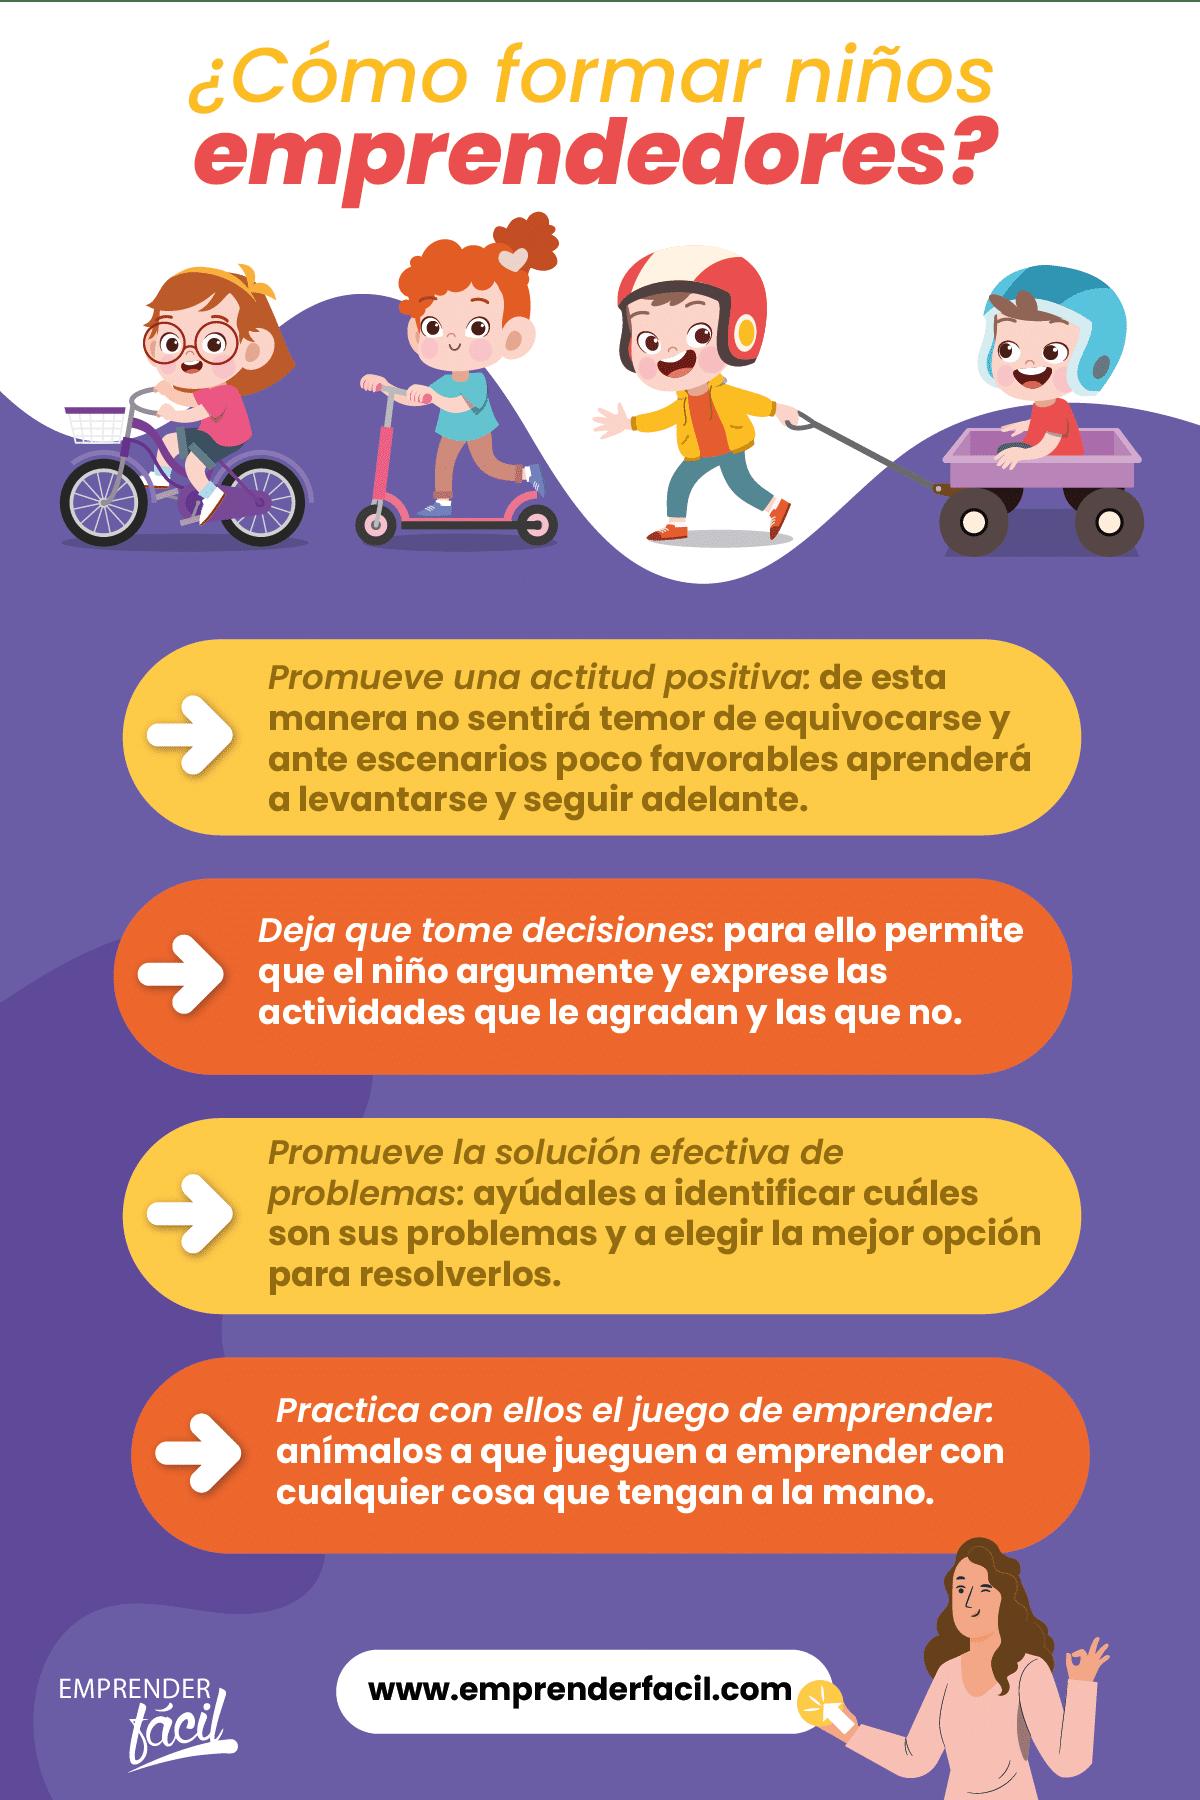 ¿Cómo formar niños emprendedores en Costa Rica?